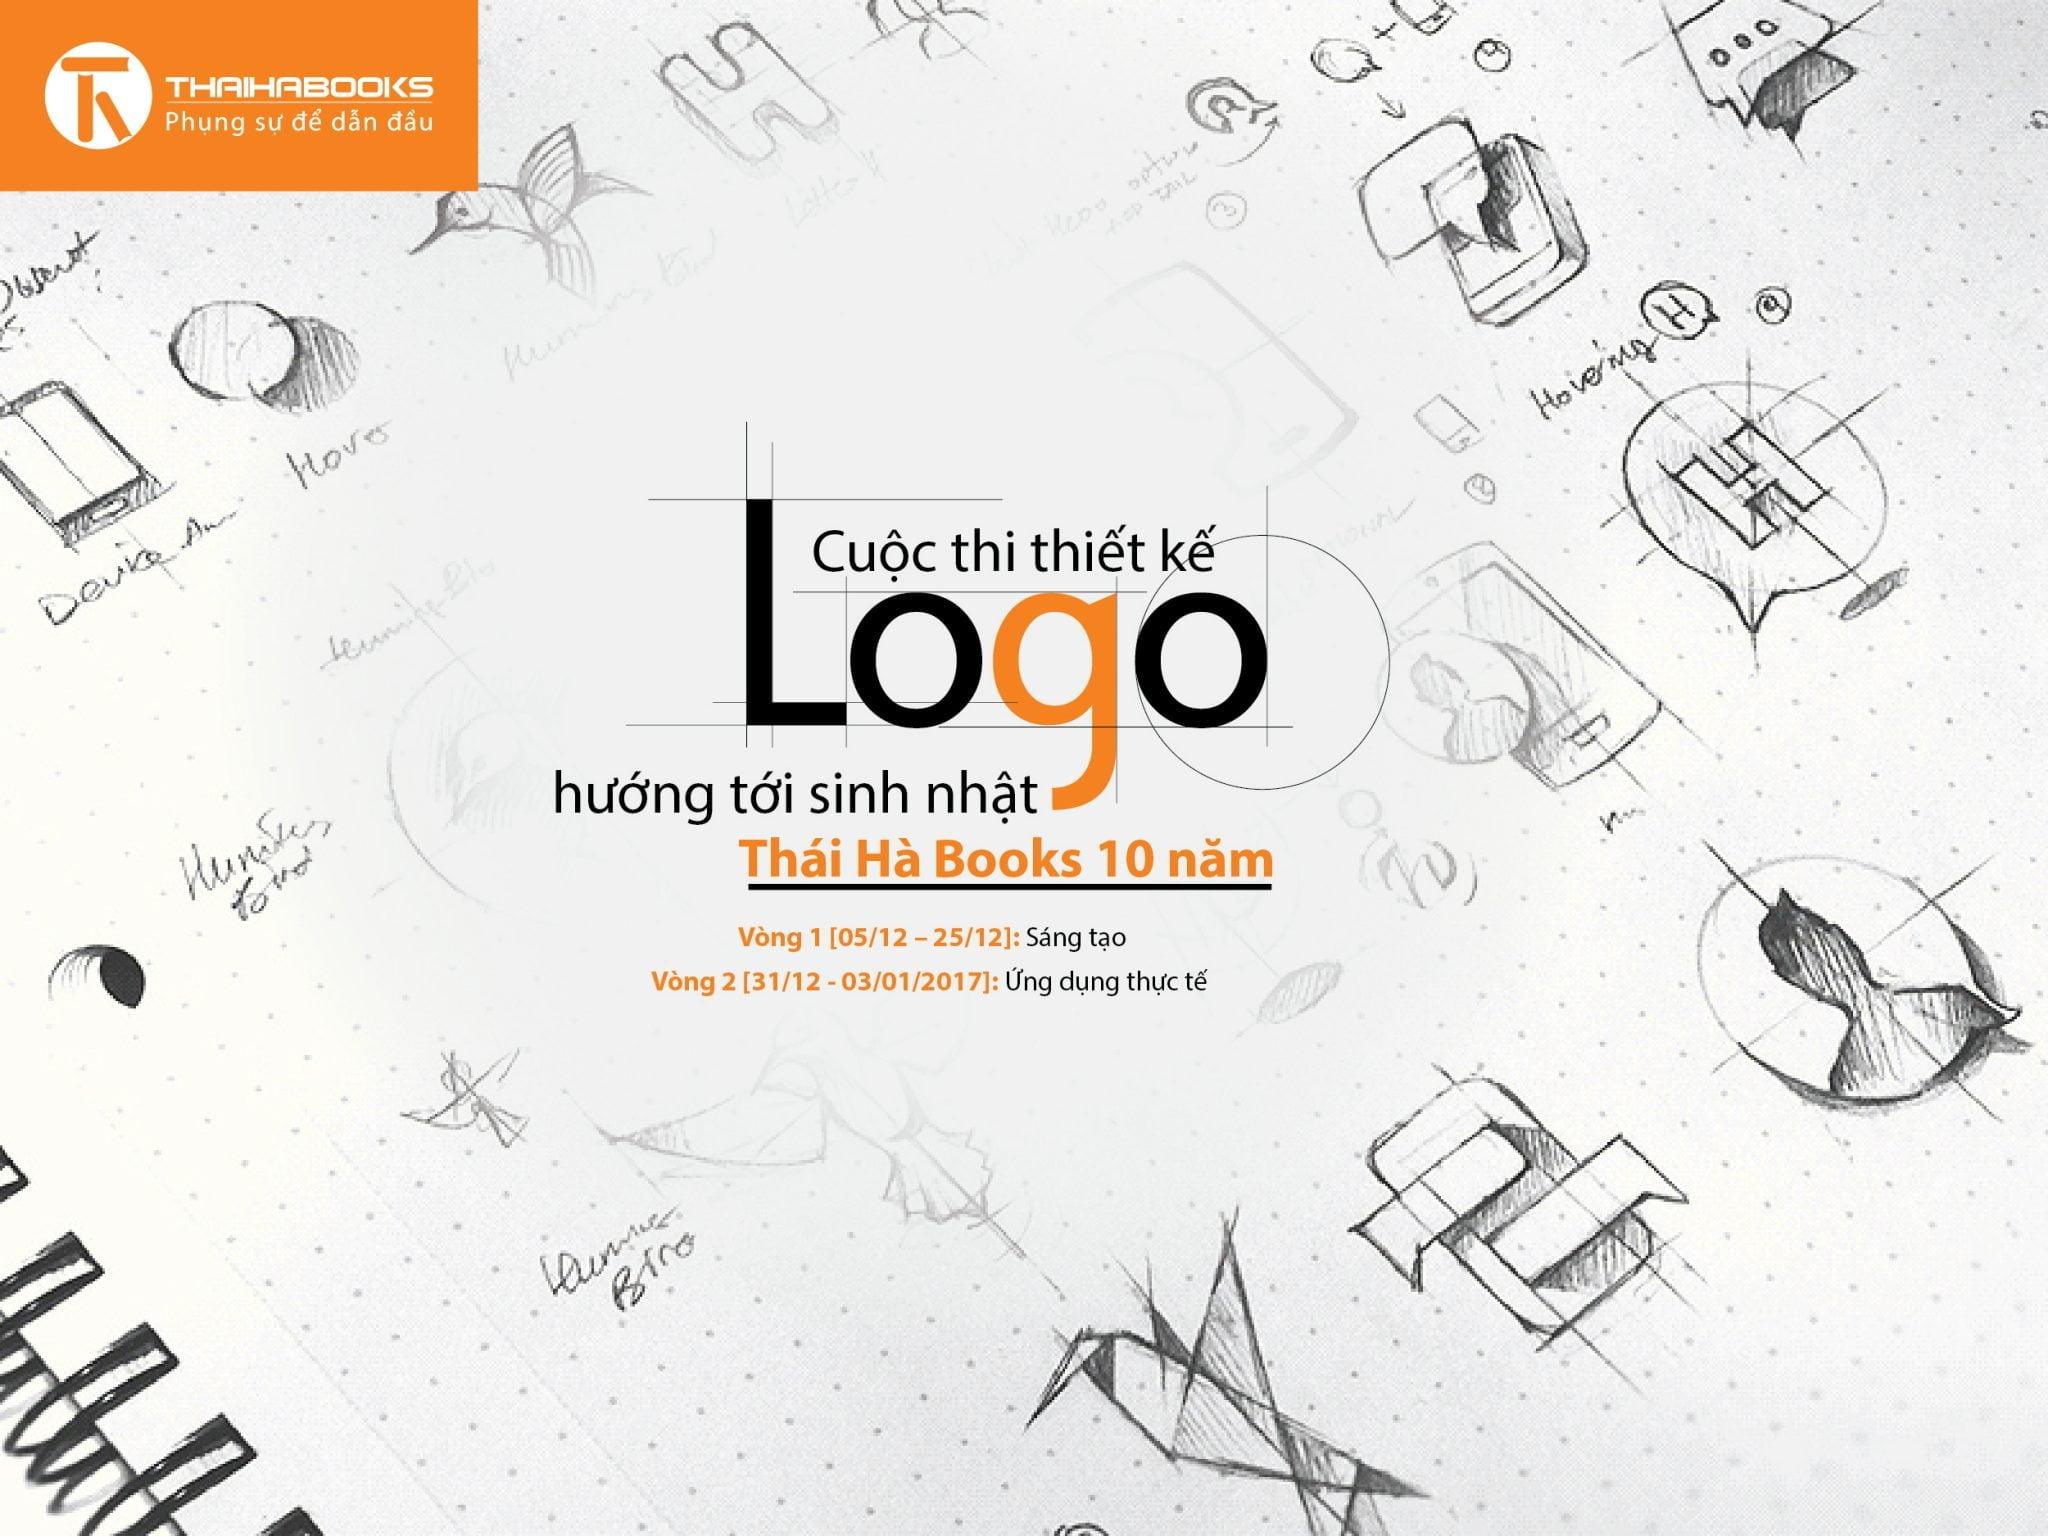 Cuộc thi thiết kế Logo hướng tới sinh nhật 10 năm Thaihabooks